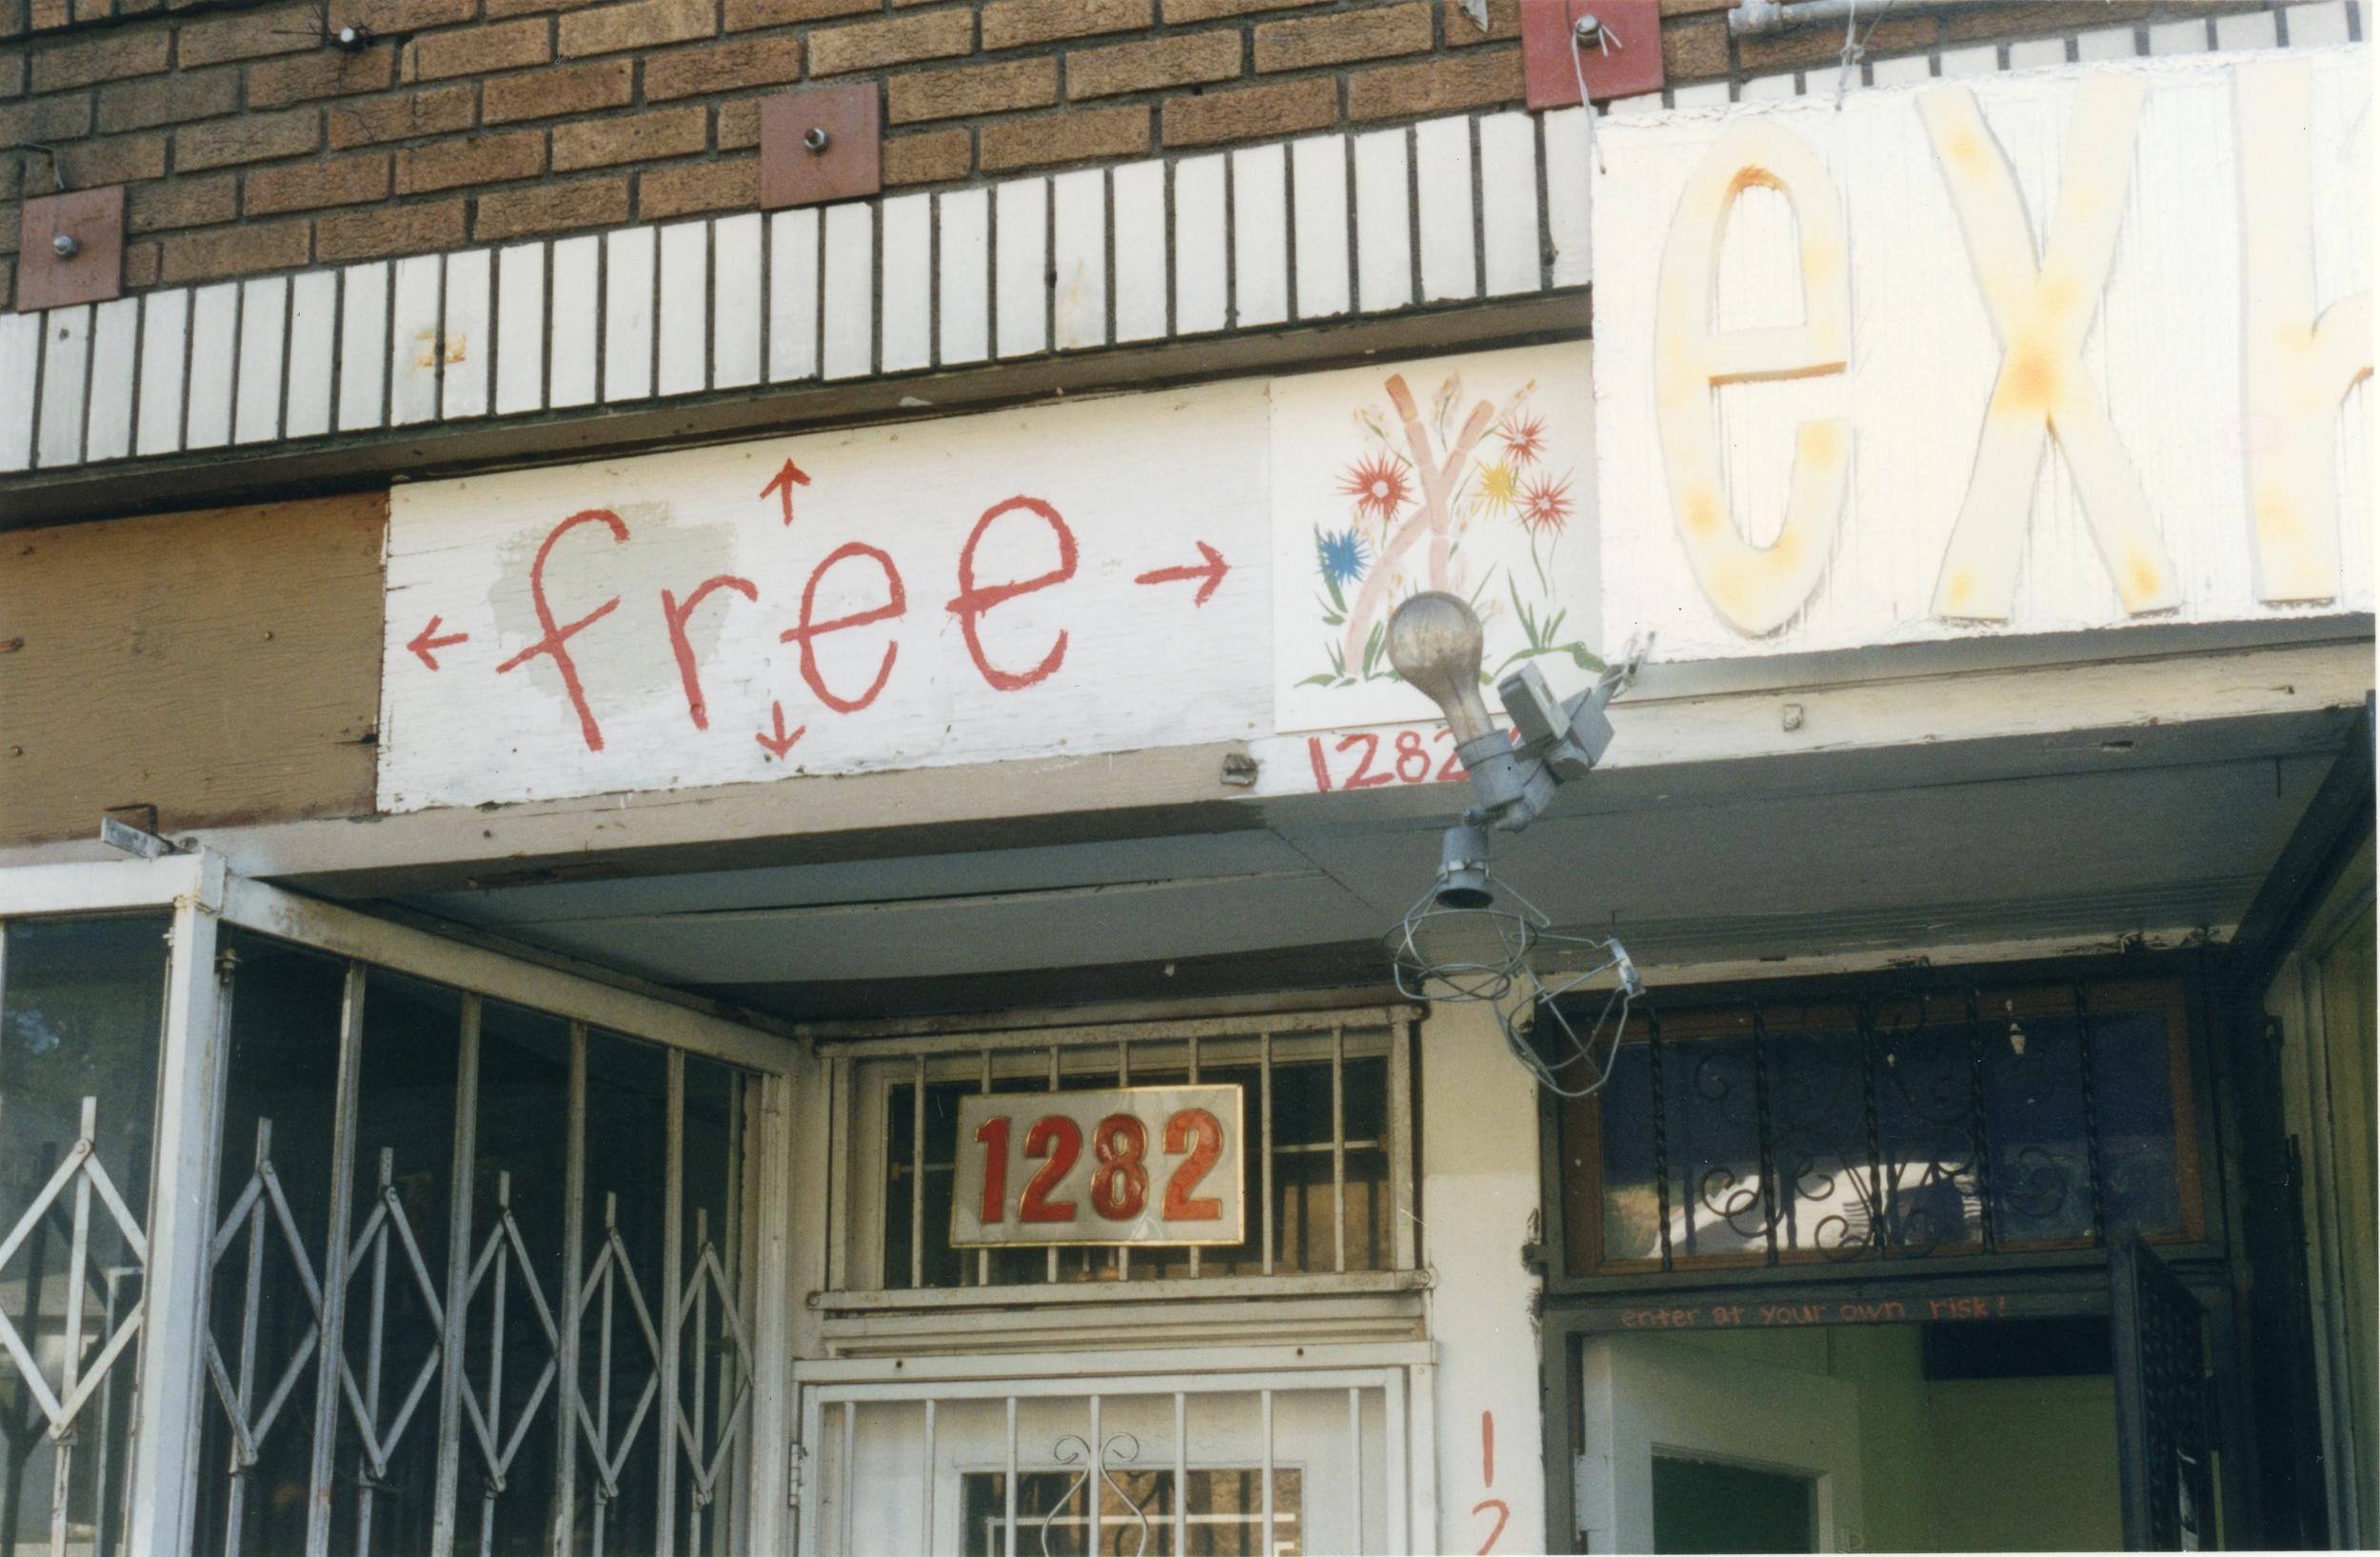 free.jpeg